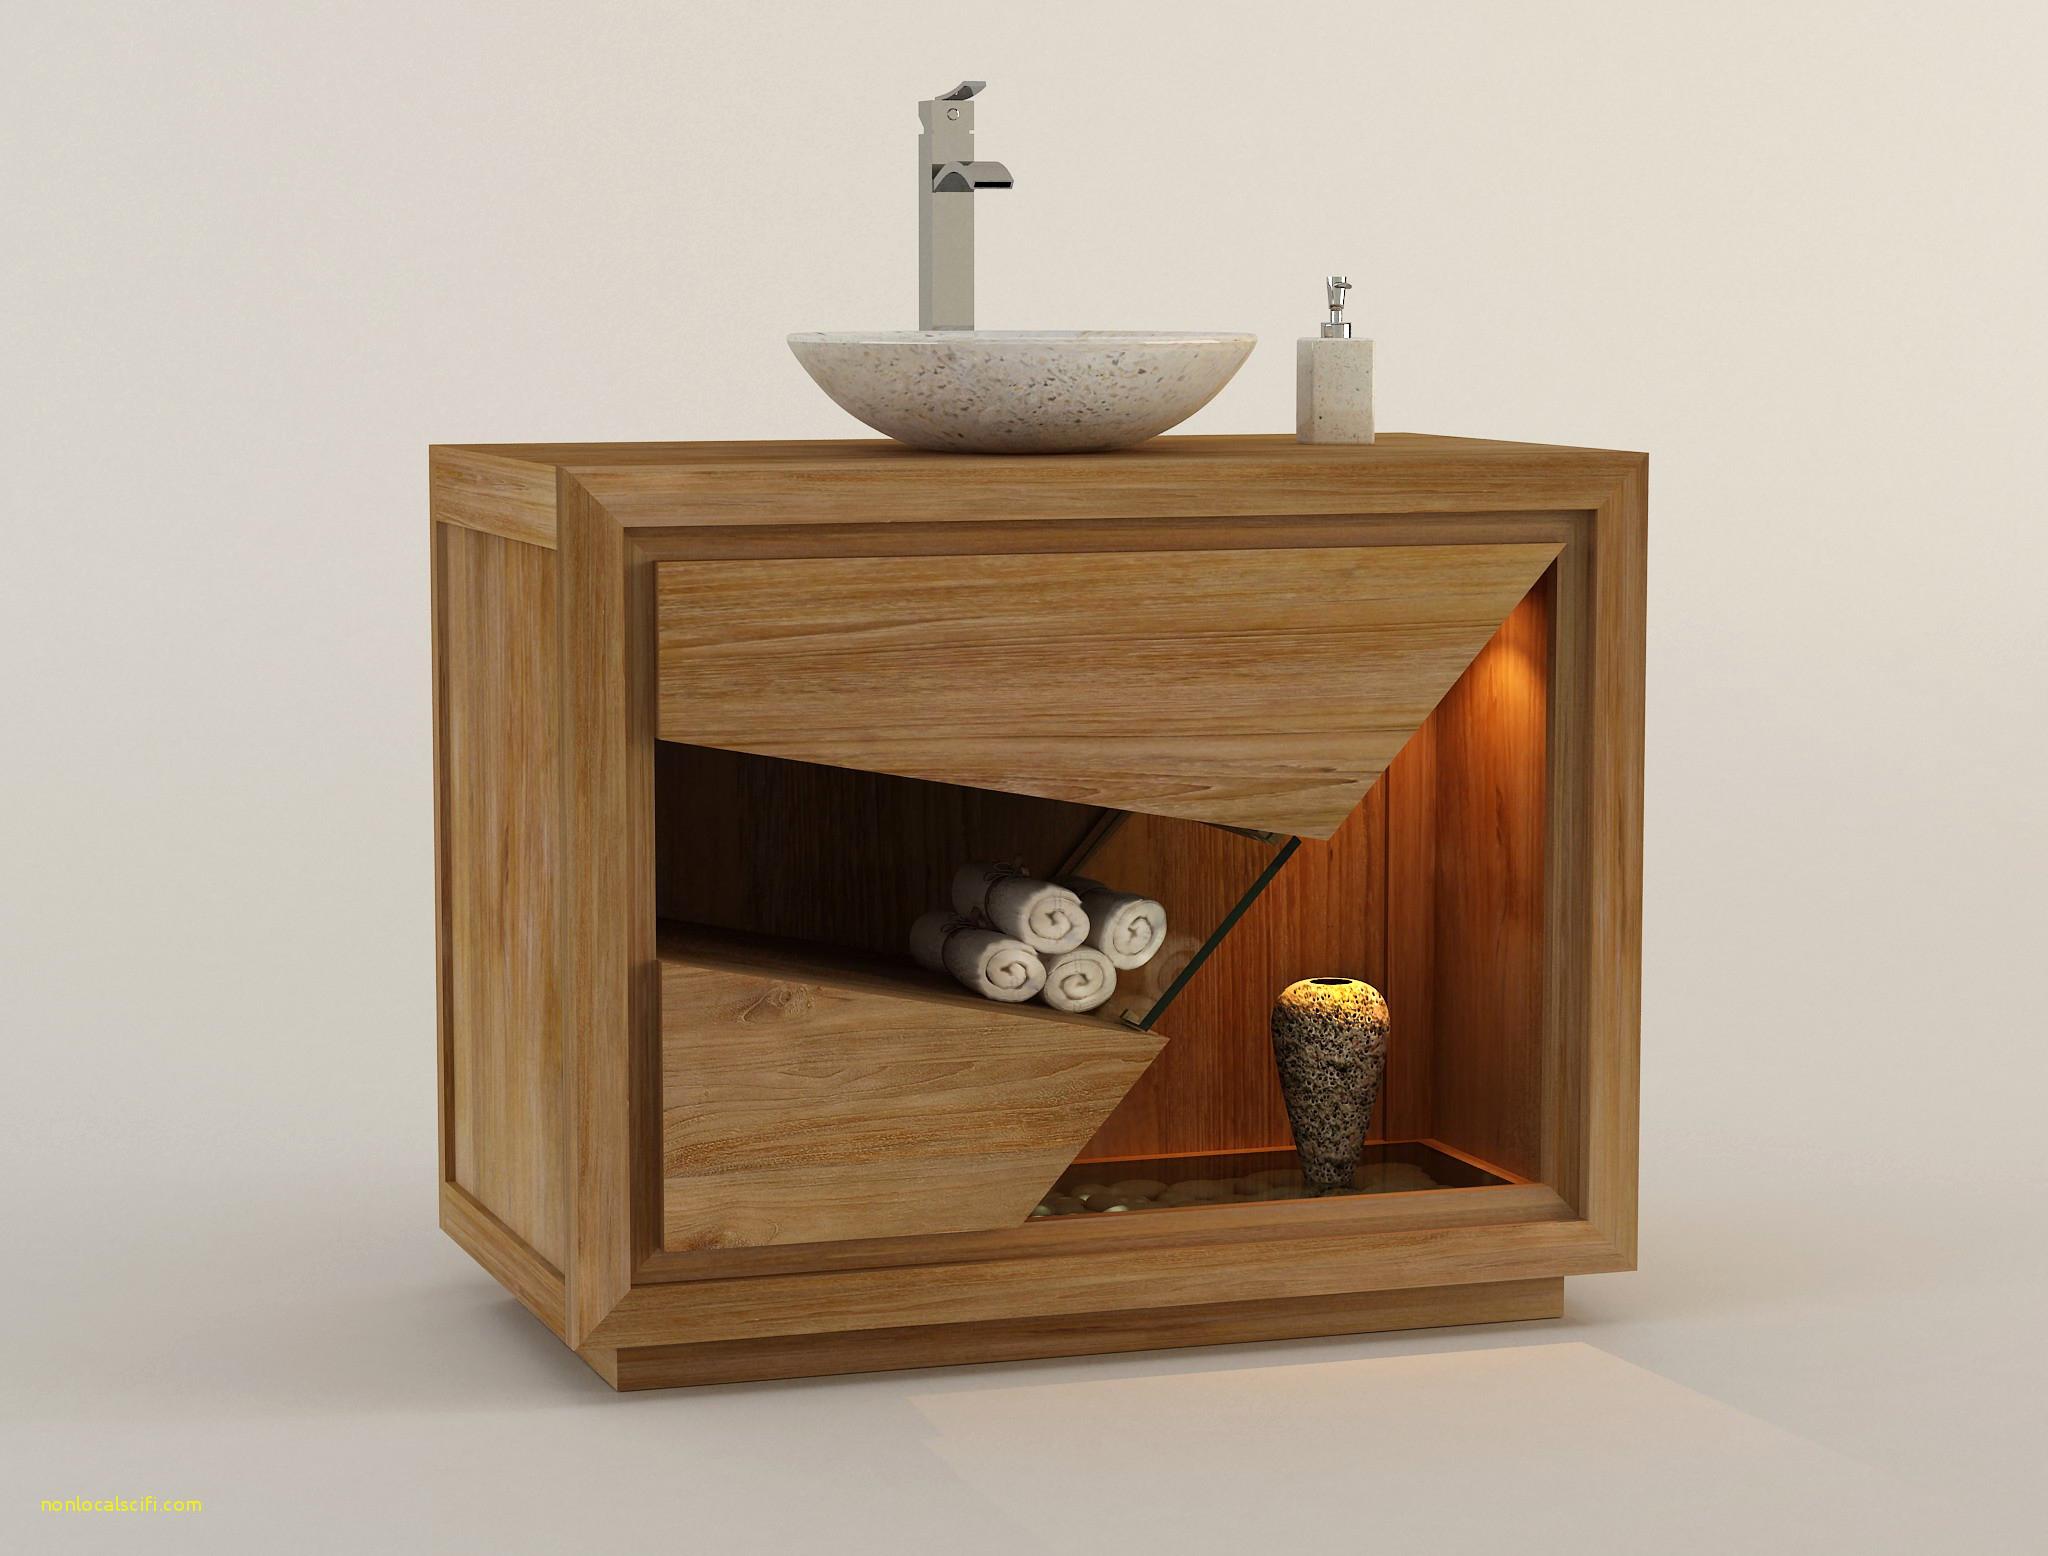 Meuble Salle De Bain Ikea Double Vasque Luxe Photos Résultat Supérieur 100 Luxe Meuble sous Lavabo Bois Galerie 2018